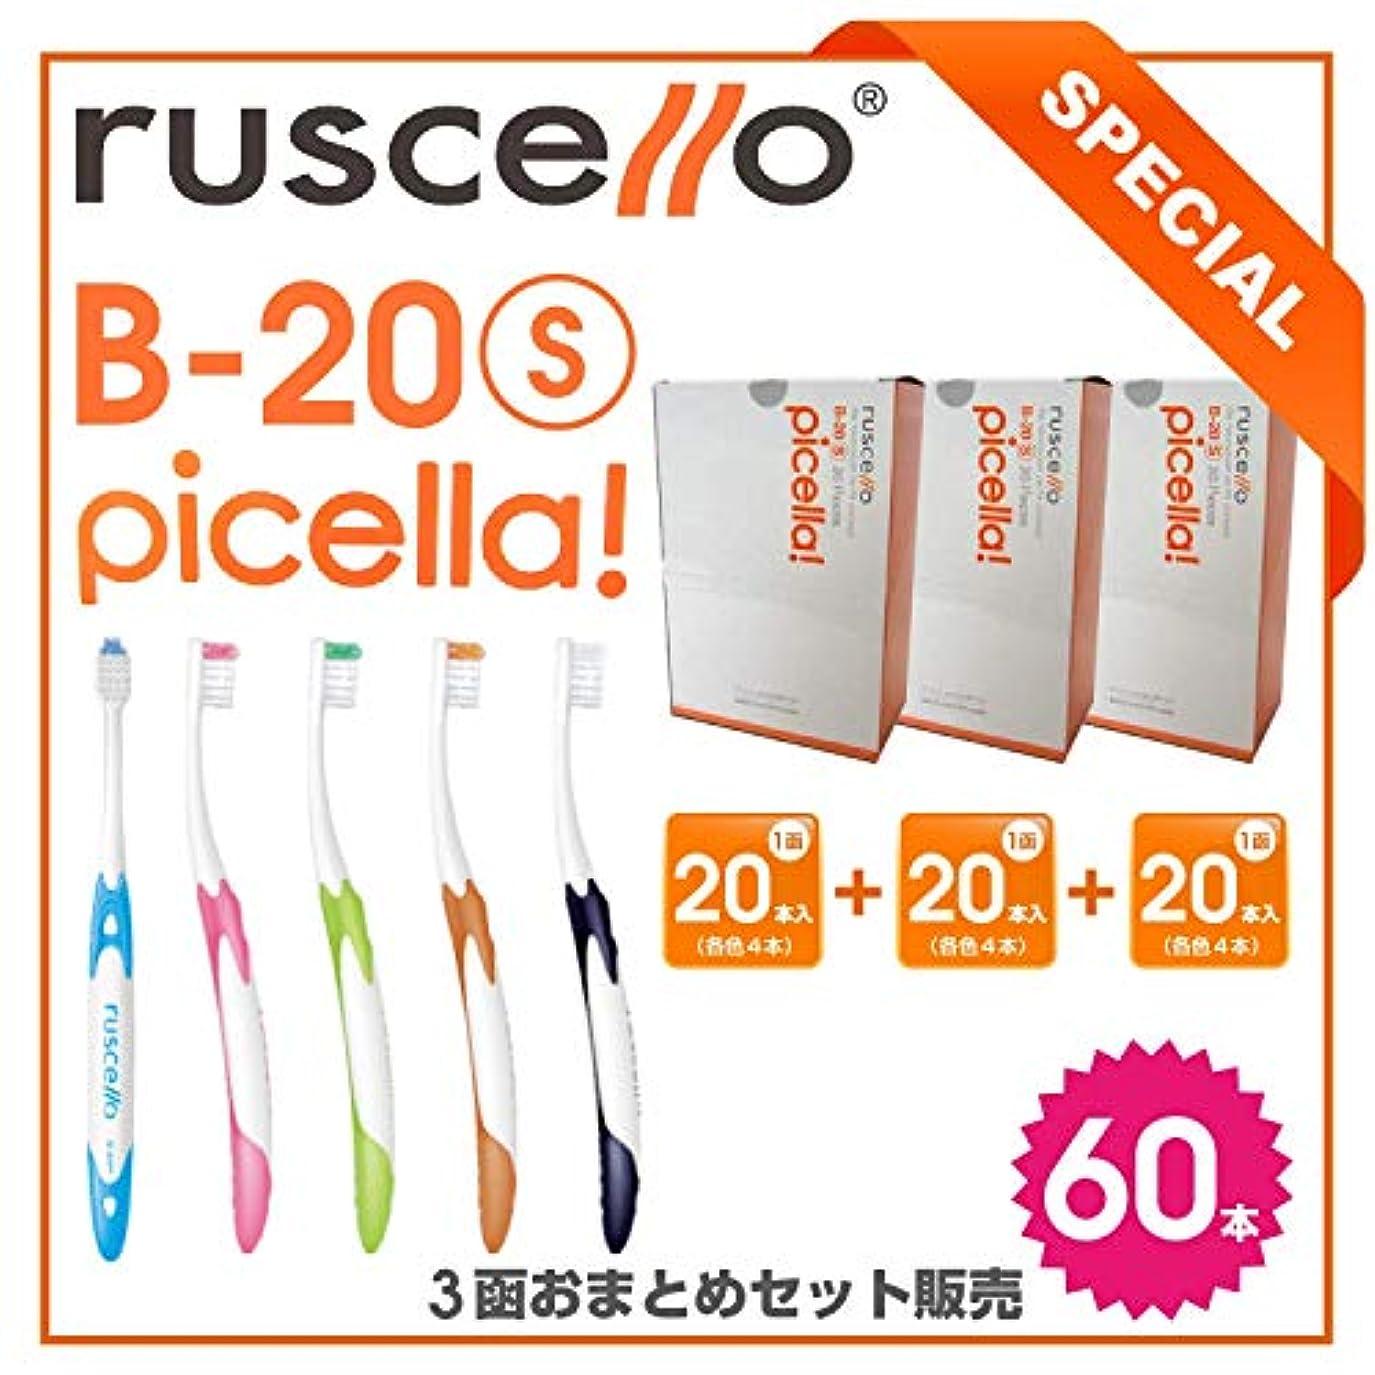 バッテリー人工的な稼ぐGC ジーシー ルシェロ歯ブラシ<B-20>ピセラ S やわらかめ 1函20本入×3函セット